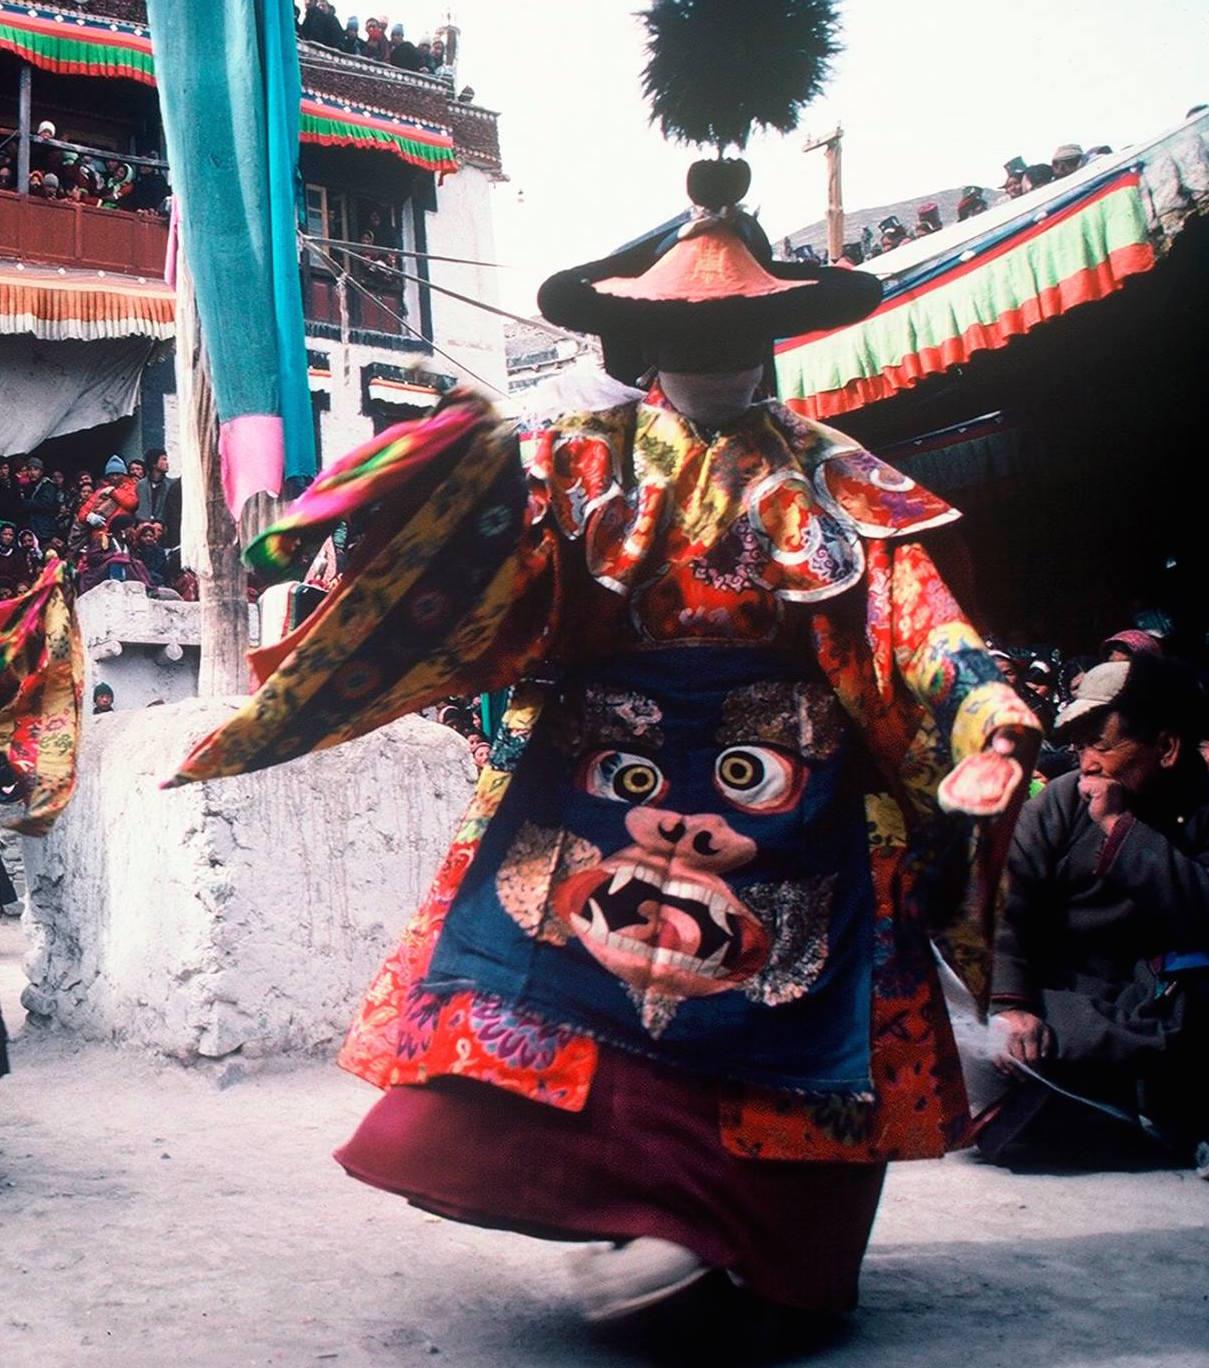 Patrul Rinpoche: Dal momento che la minima condotta positiva causa enormi benefici, non si deve sottovalutare alcuna buona azione.